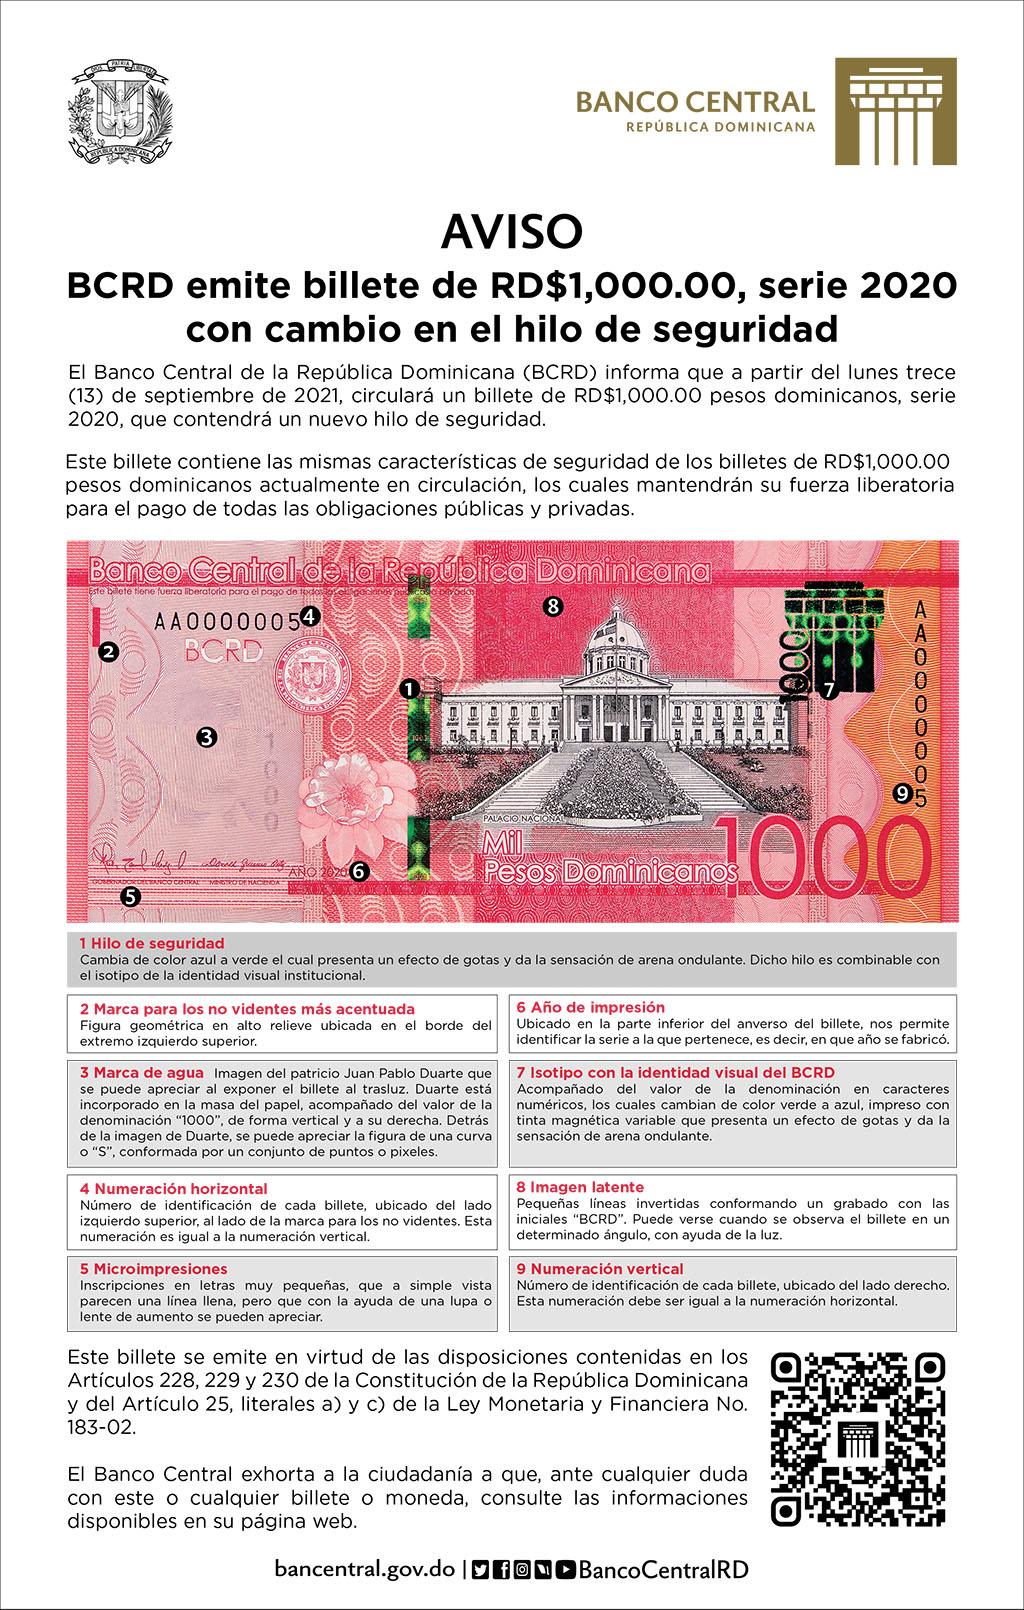 Este billete se emite en virtud de las disposiciones contenidas en los artículos 228, 229 y 230 de la Constitución de la República Dominicana y del artículo 25, literales a) y c) de la Ley Monetaria y Financiera nº183-02.